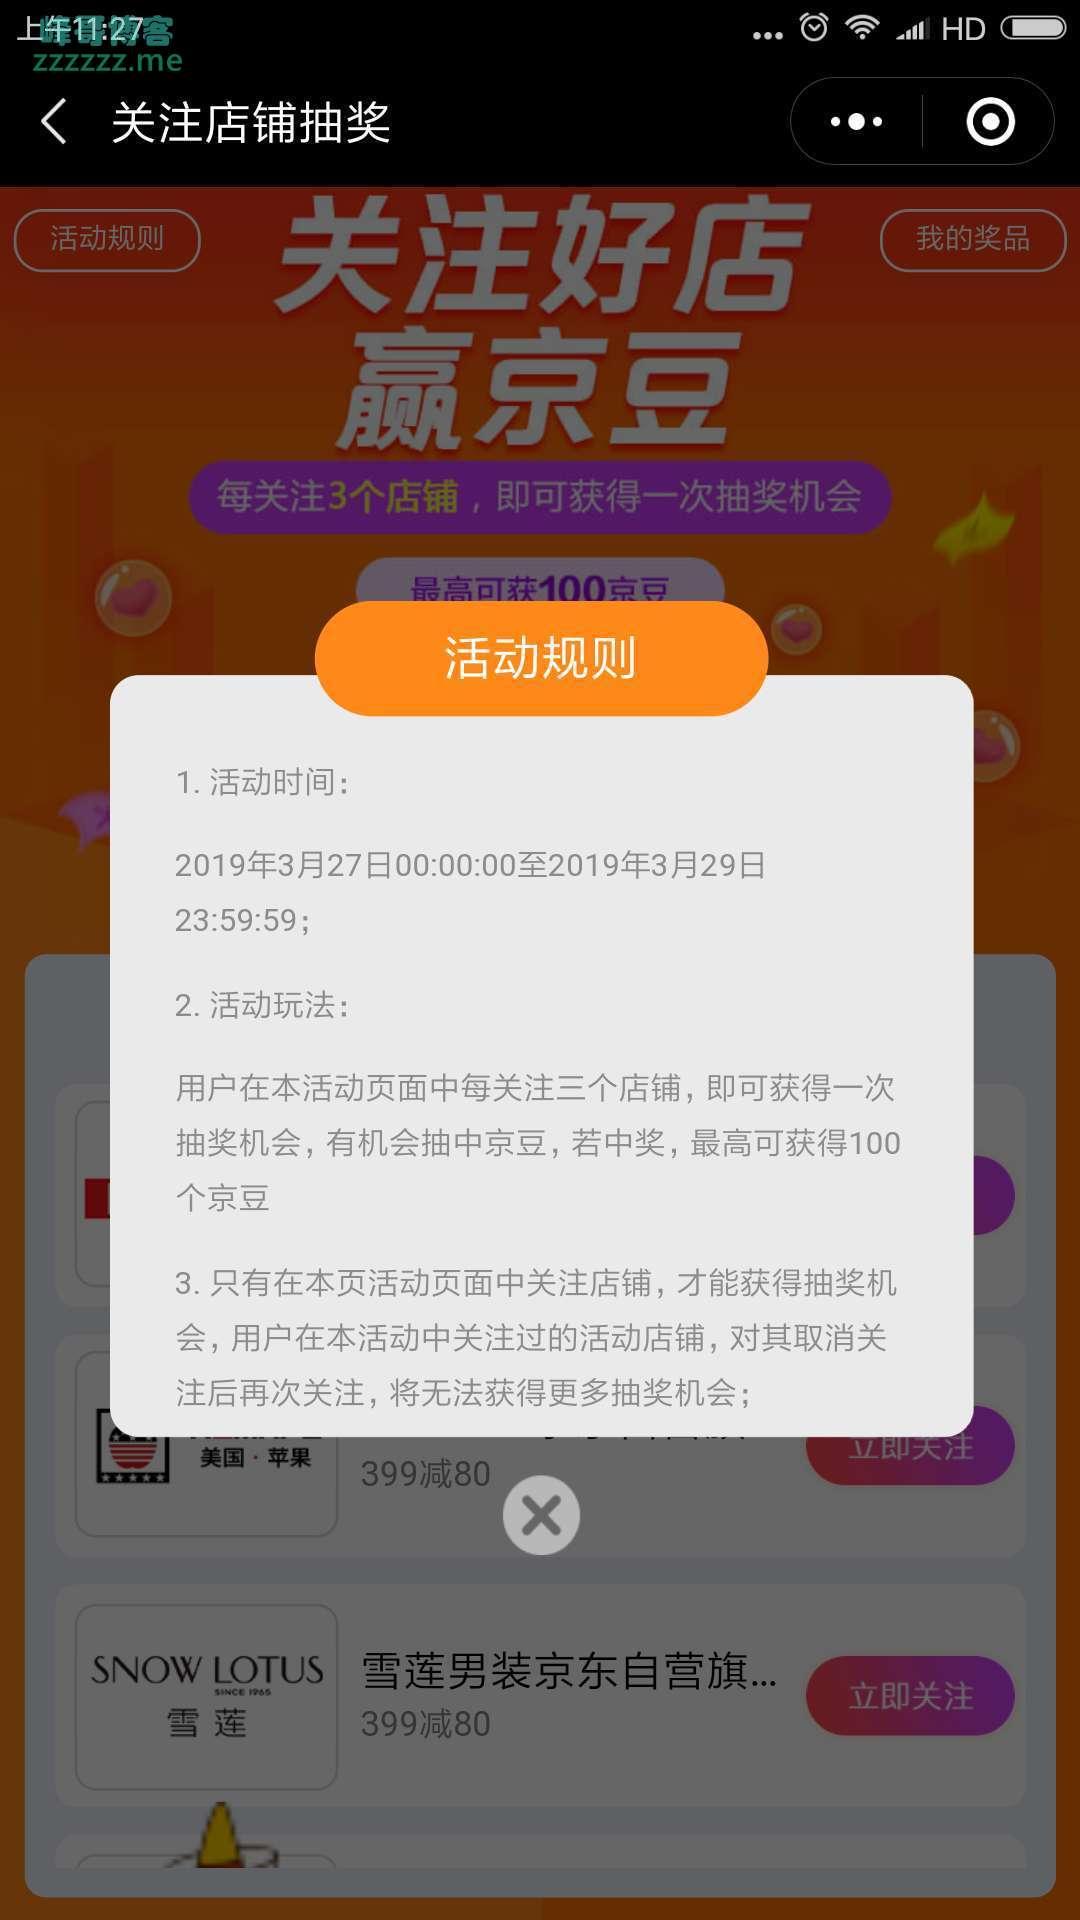 <京会玩>自营男装 关注店铺抽京豆(截至3月29日)